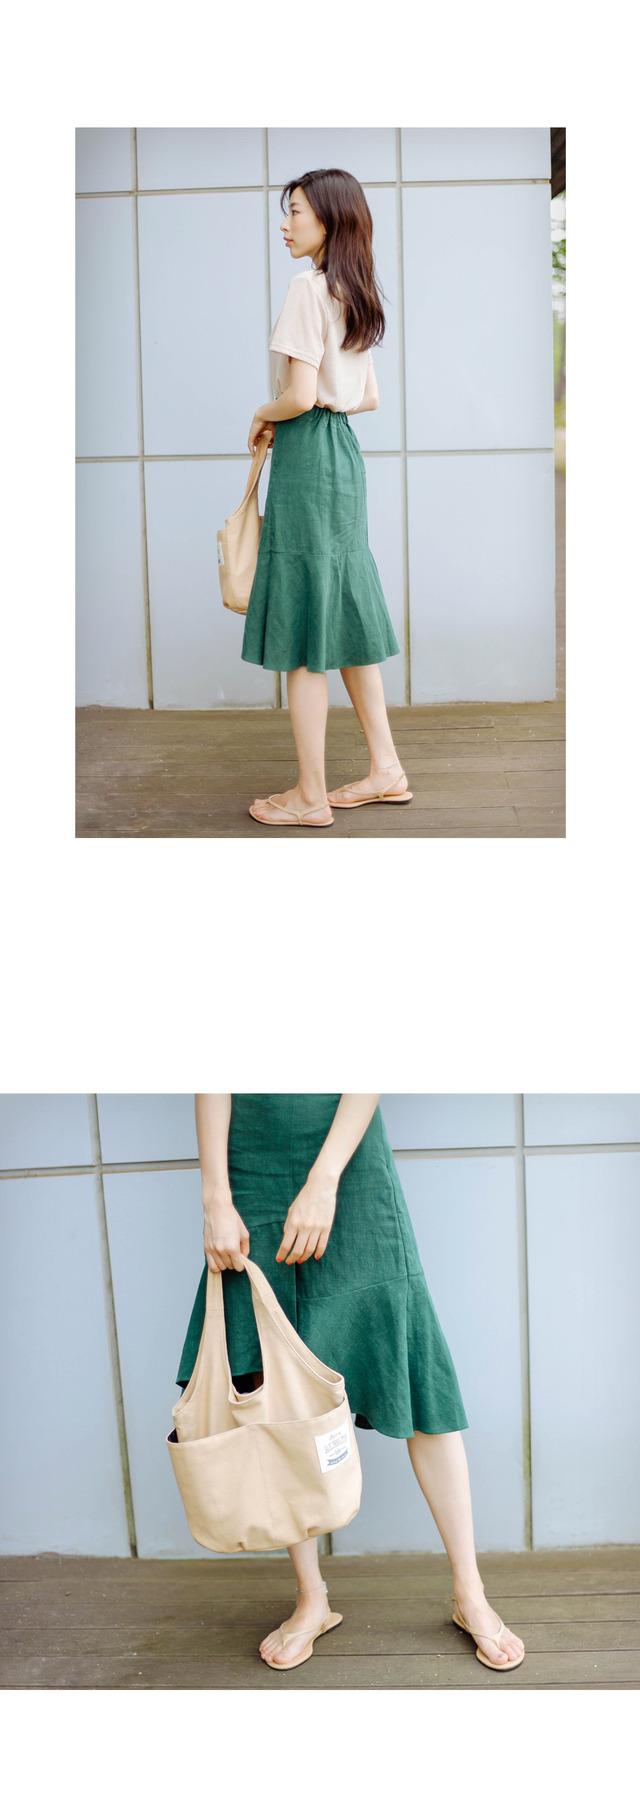 Linen undulation skirt